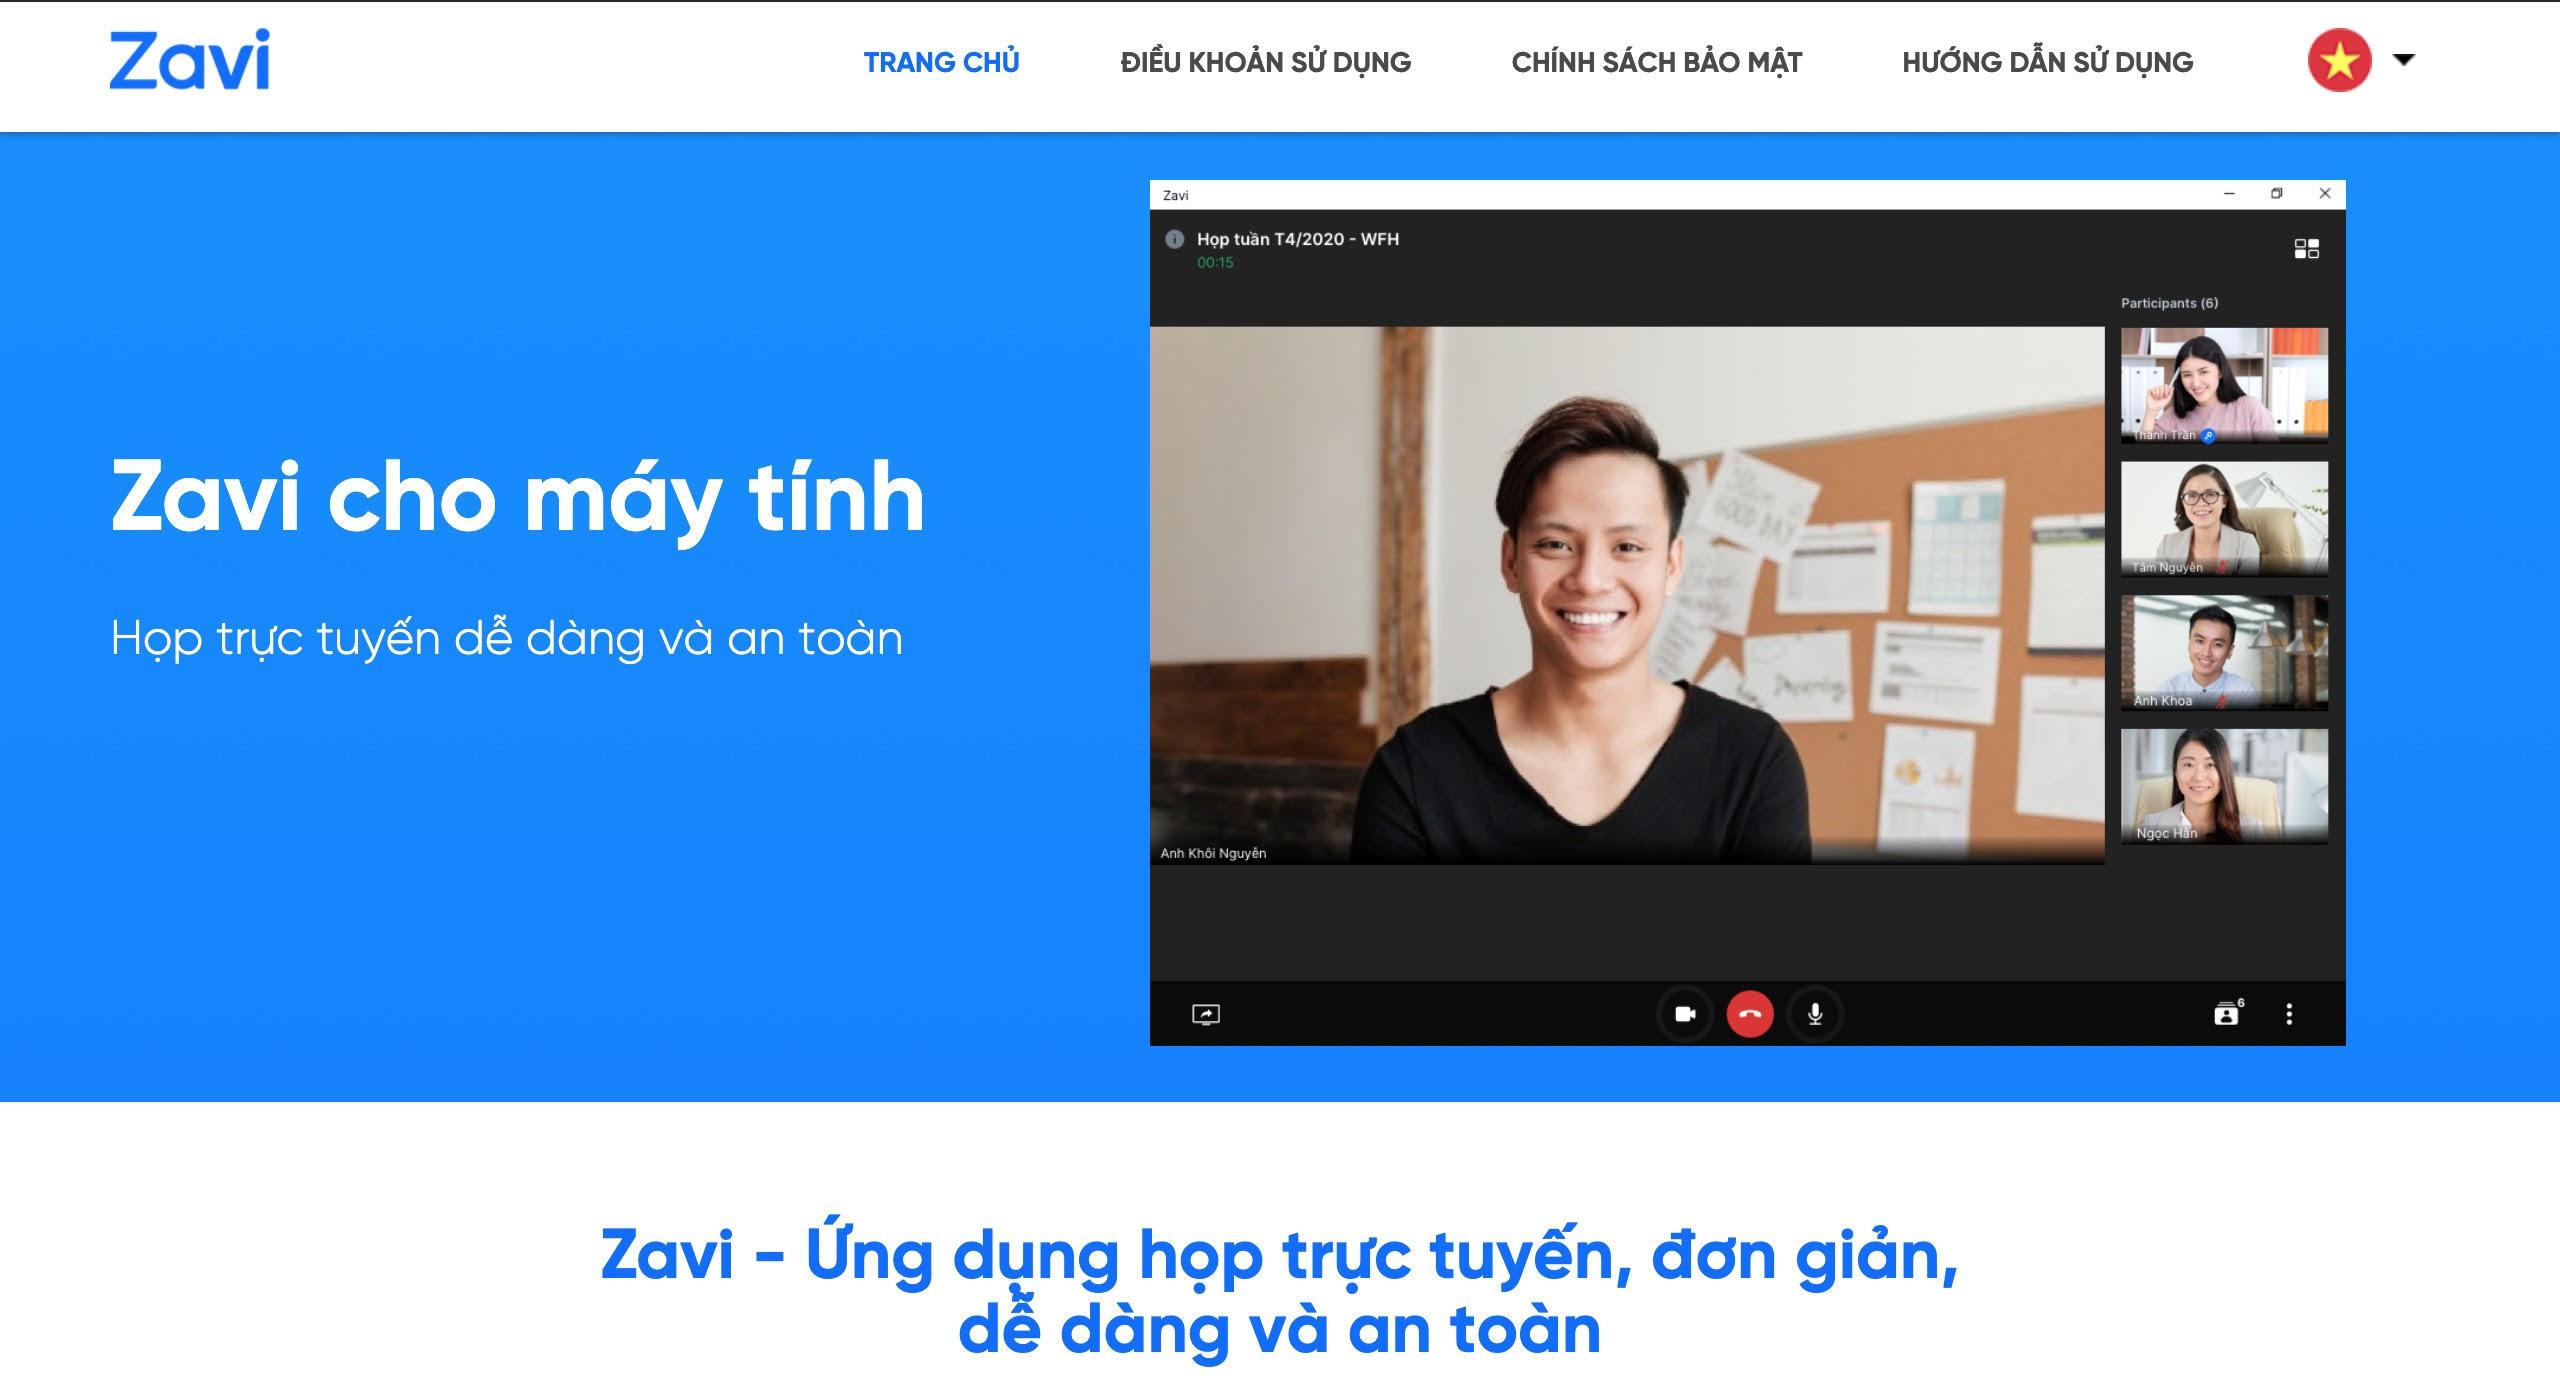 'Kì lân' VNG trình làng nền tảng hội họp trực tuyến đầu tiên của riêng Việt Nam - Ảnh 1.